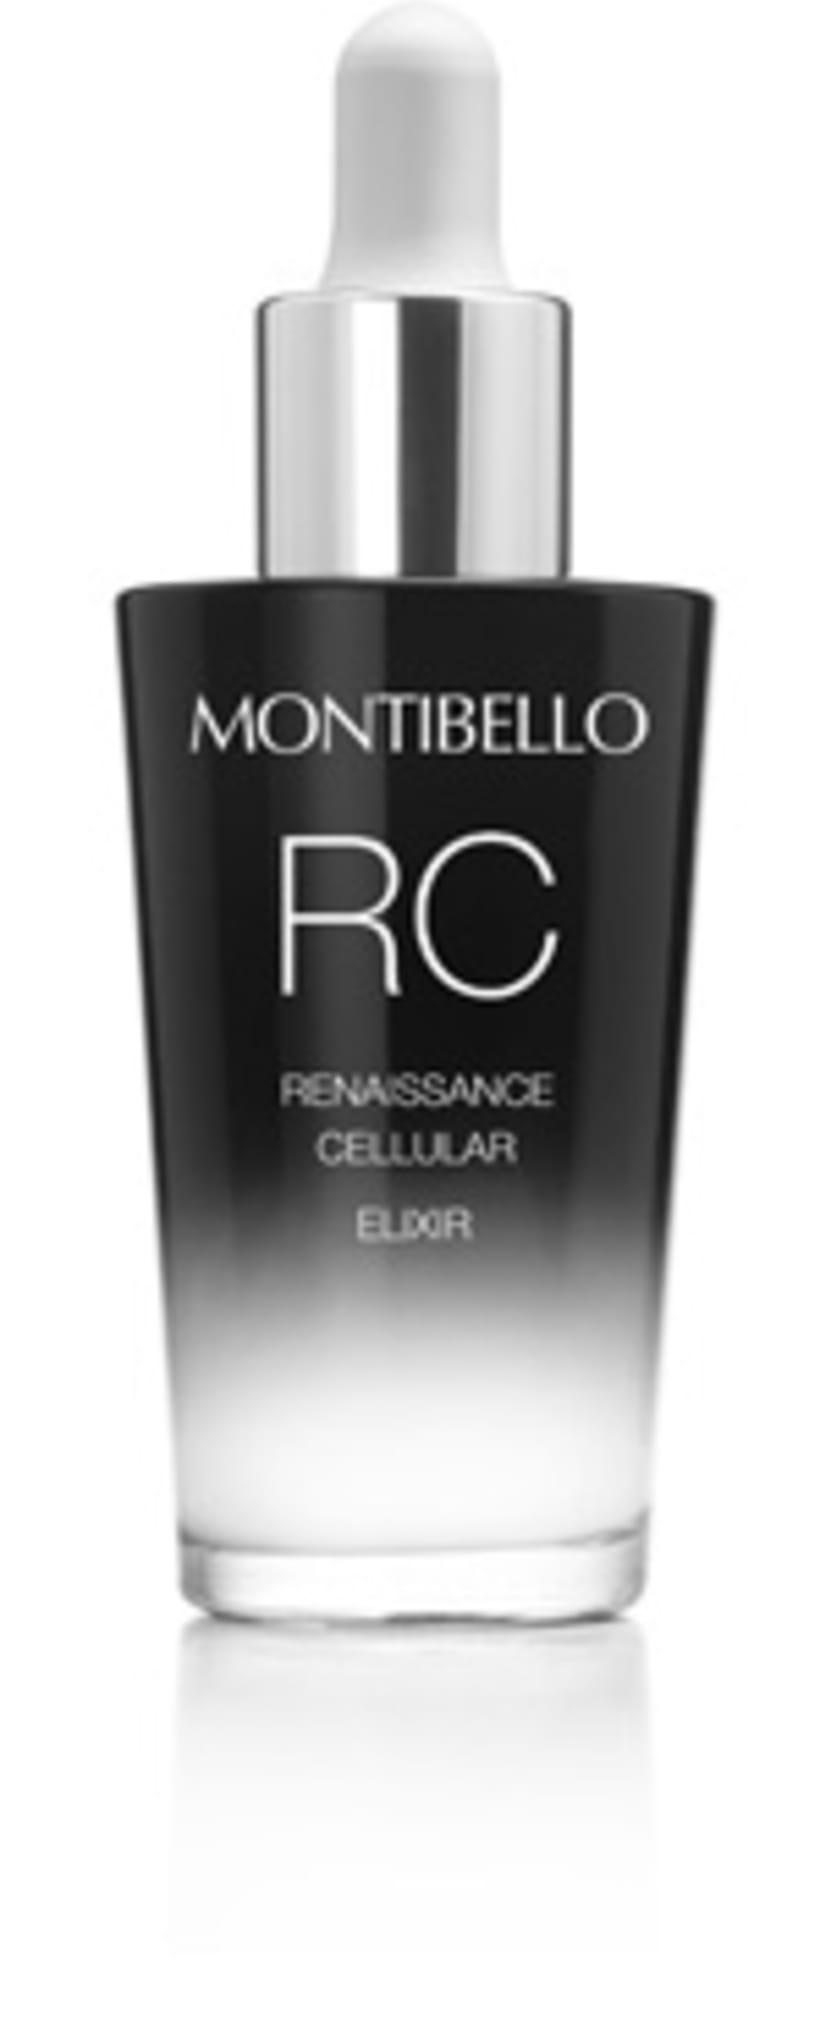 RC Renaissance Cellular Elixir 1